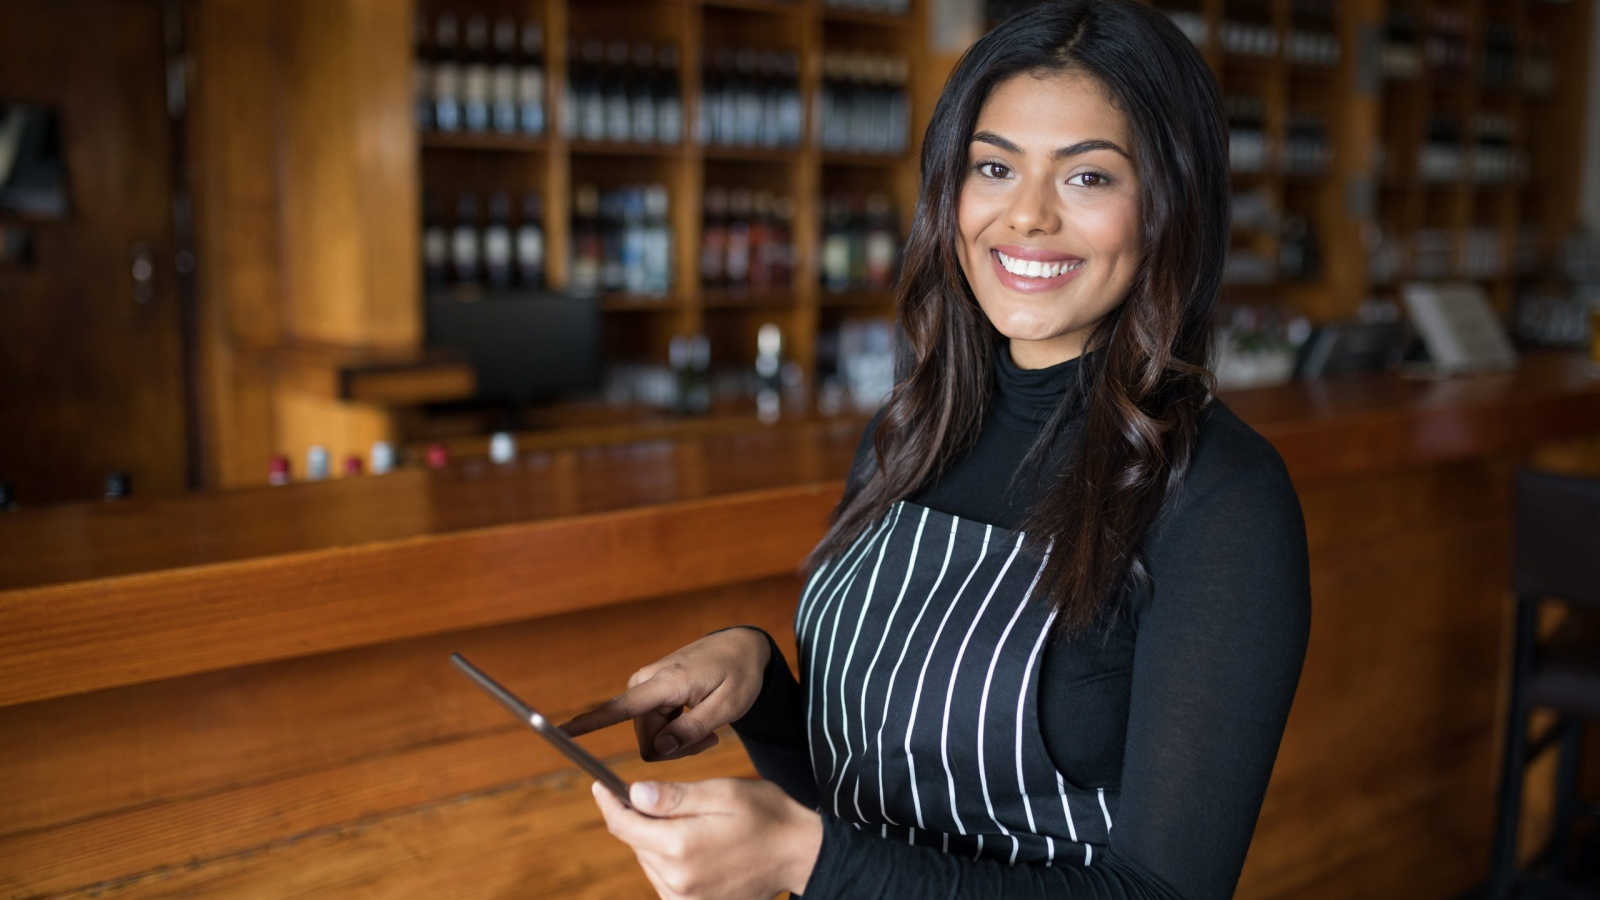 Restaurantmanager*in werden